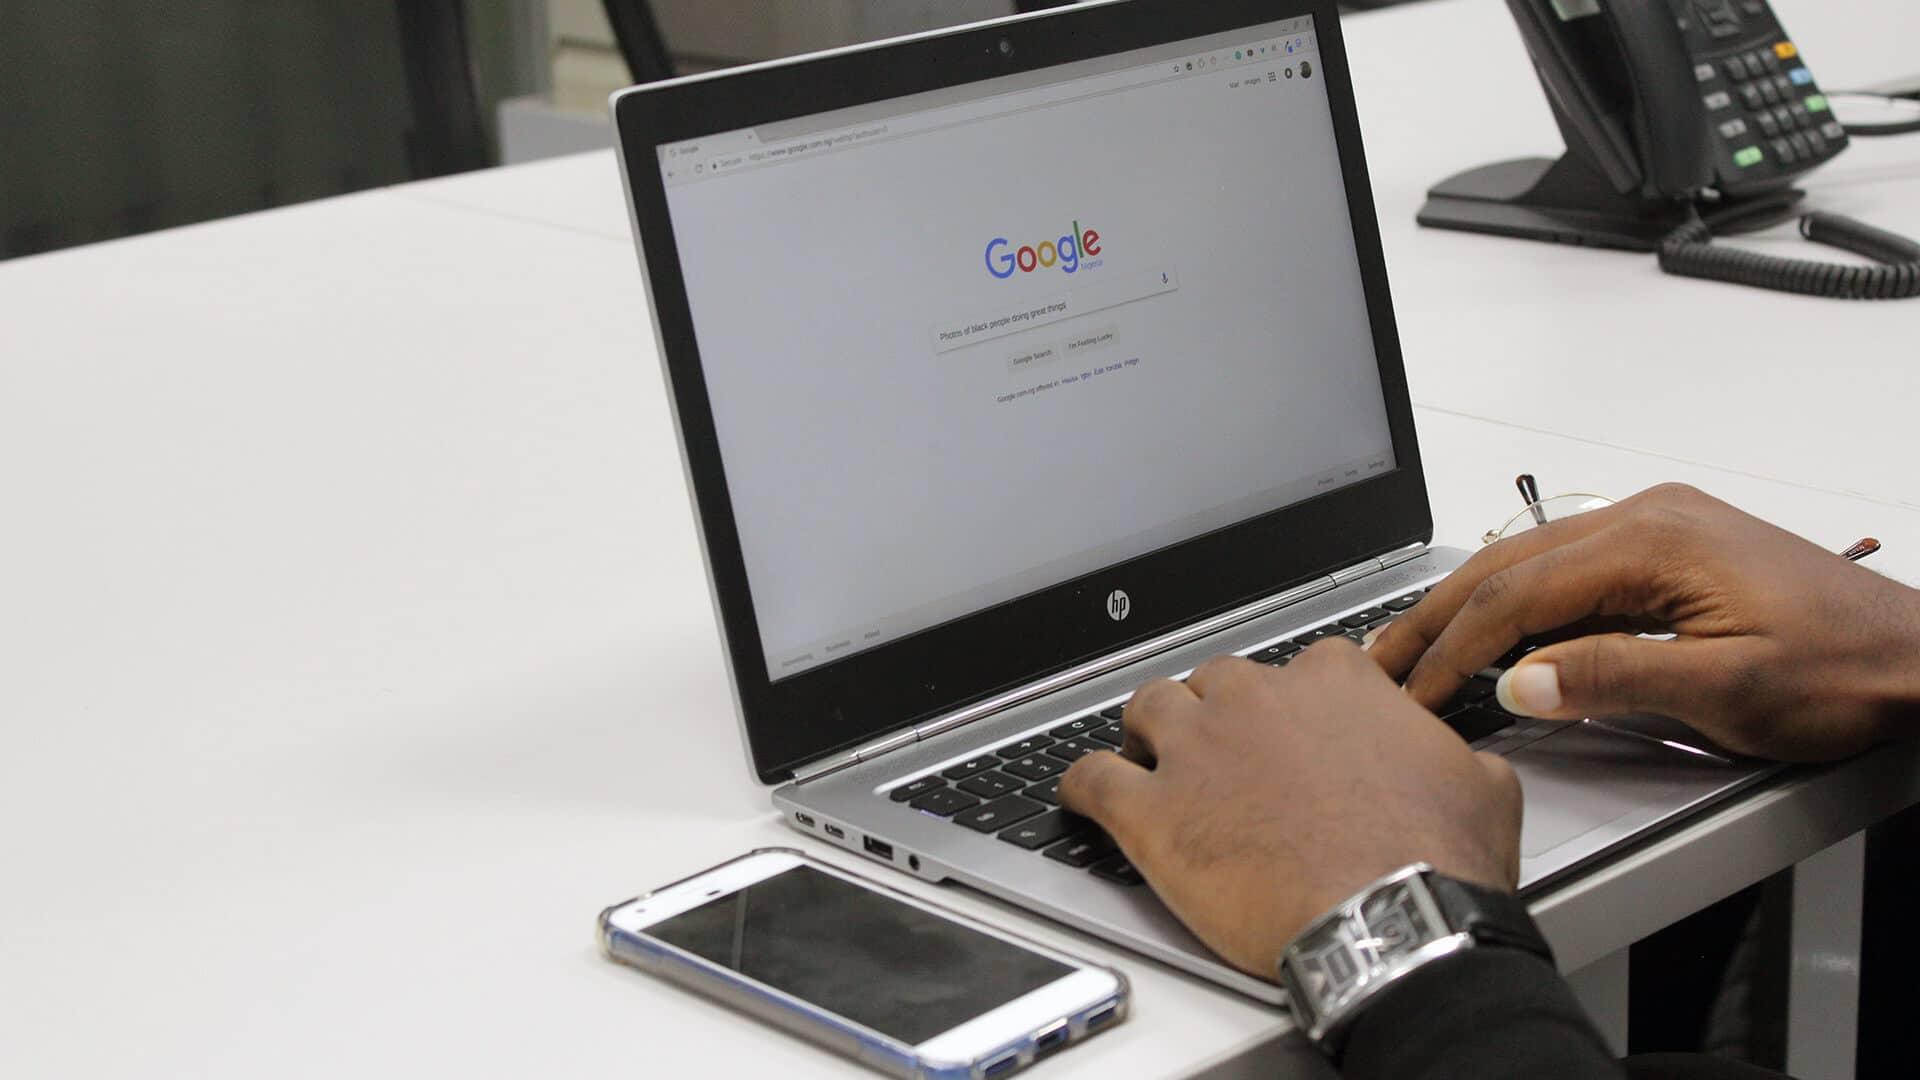 venda online google vai permitir anuncios gratuitos